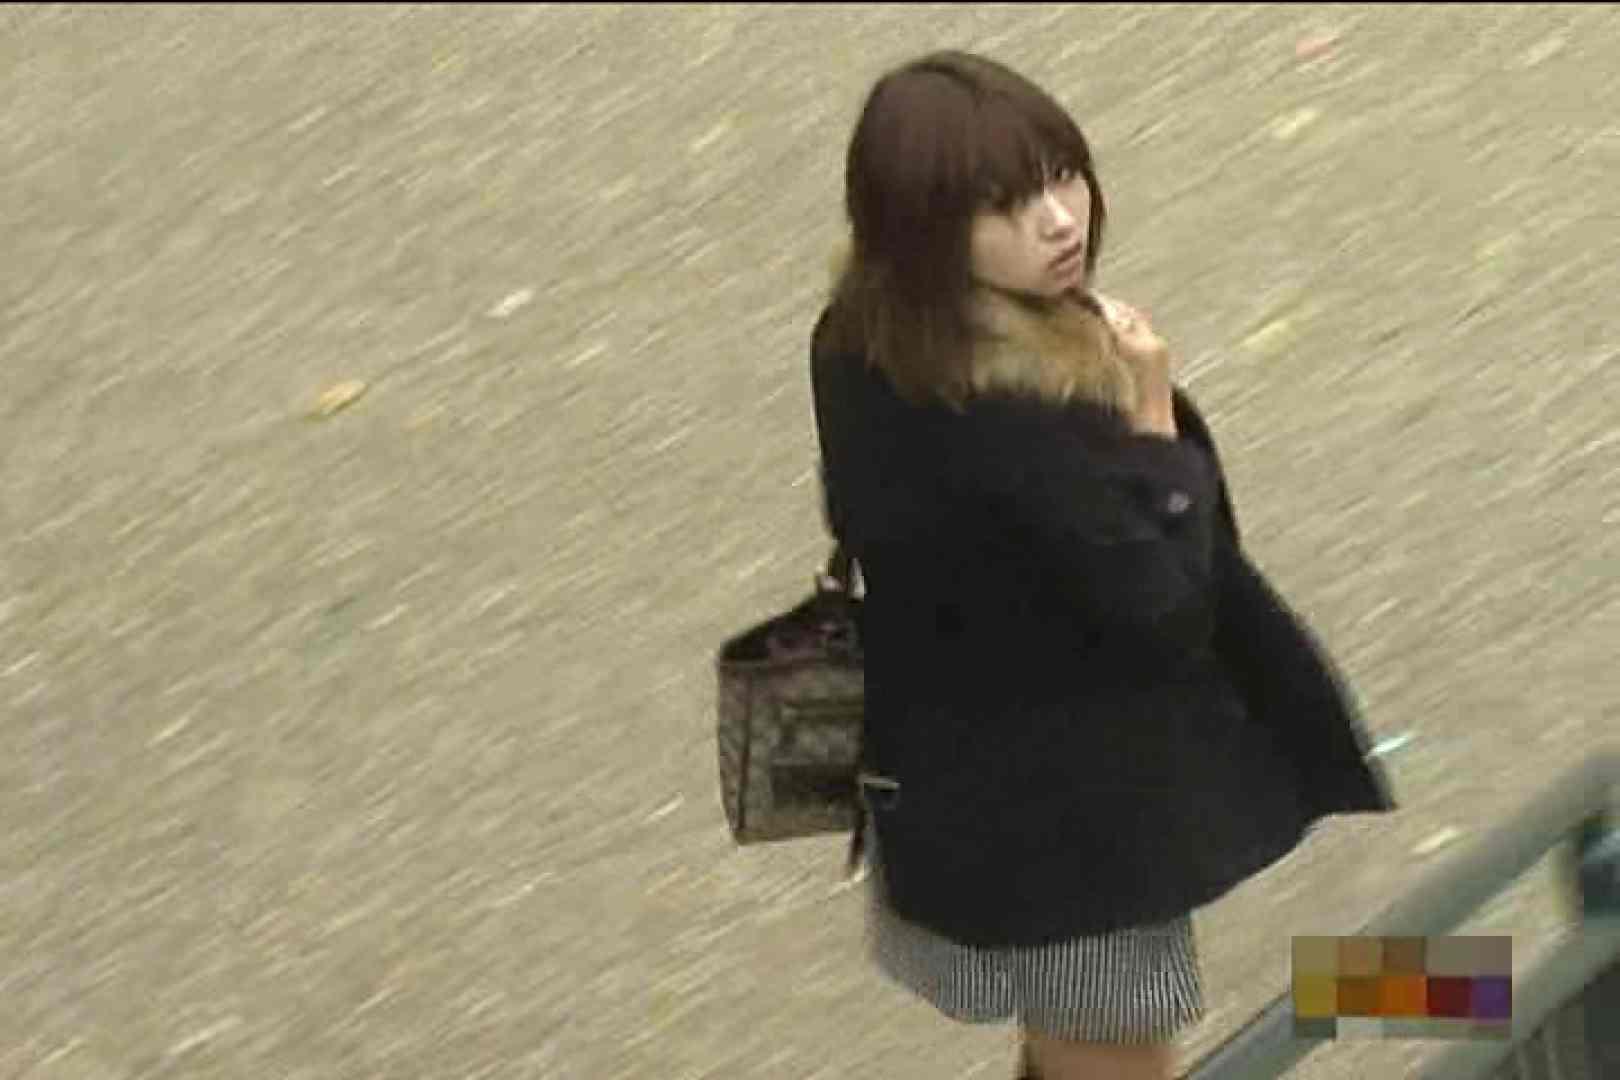 大胆露出胸チラギャル大量発生中!!Vol.4 ギャルの実態 盗撮動画紹介 46pic 22